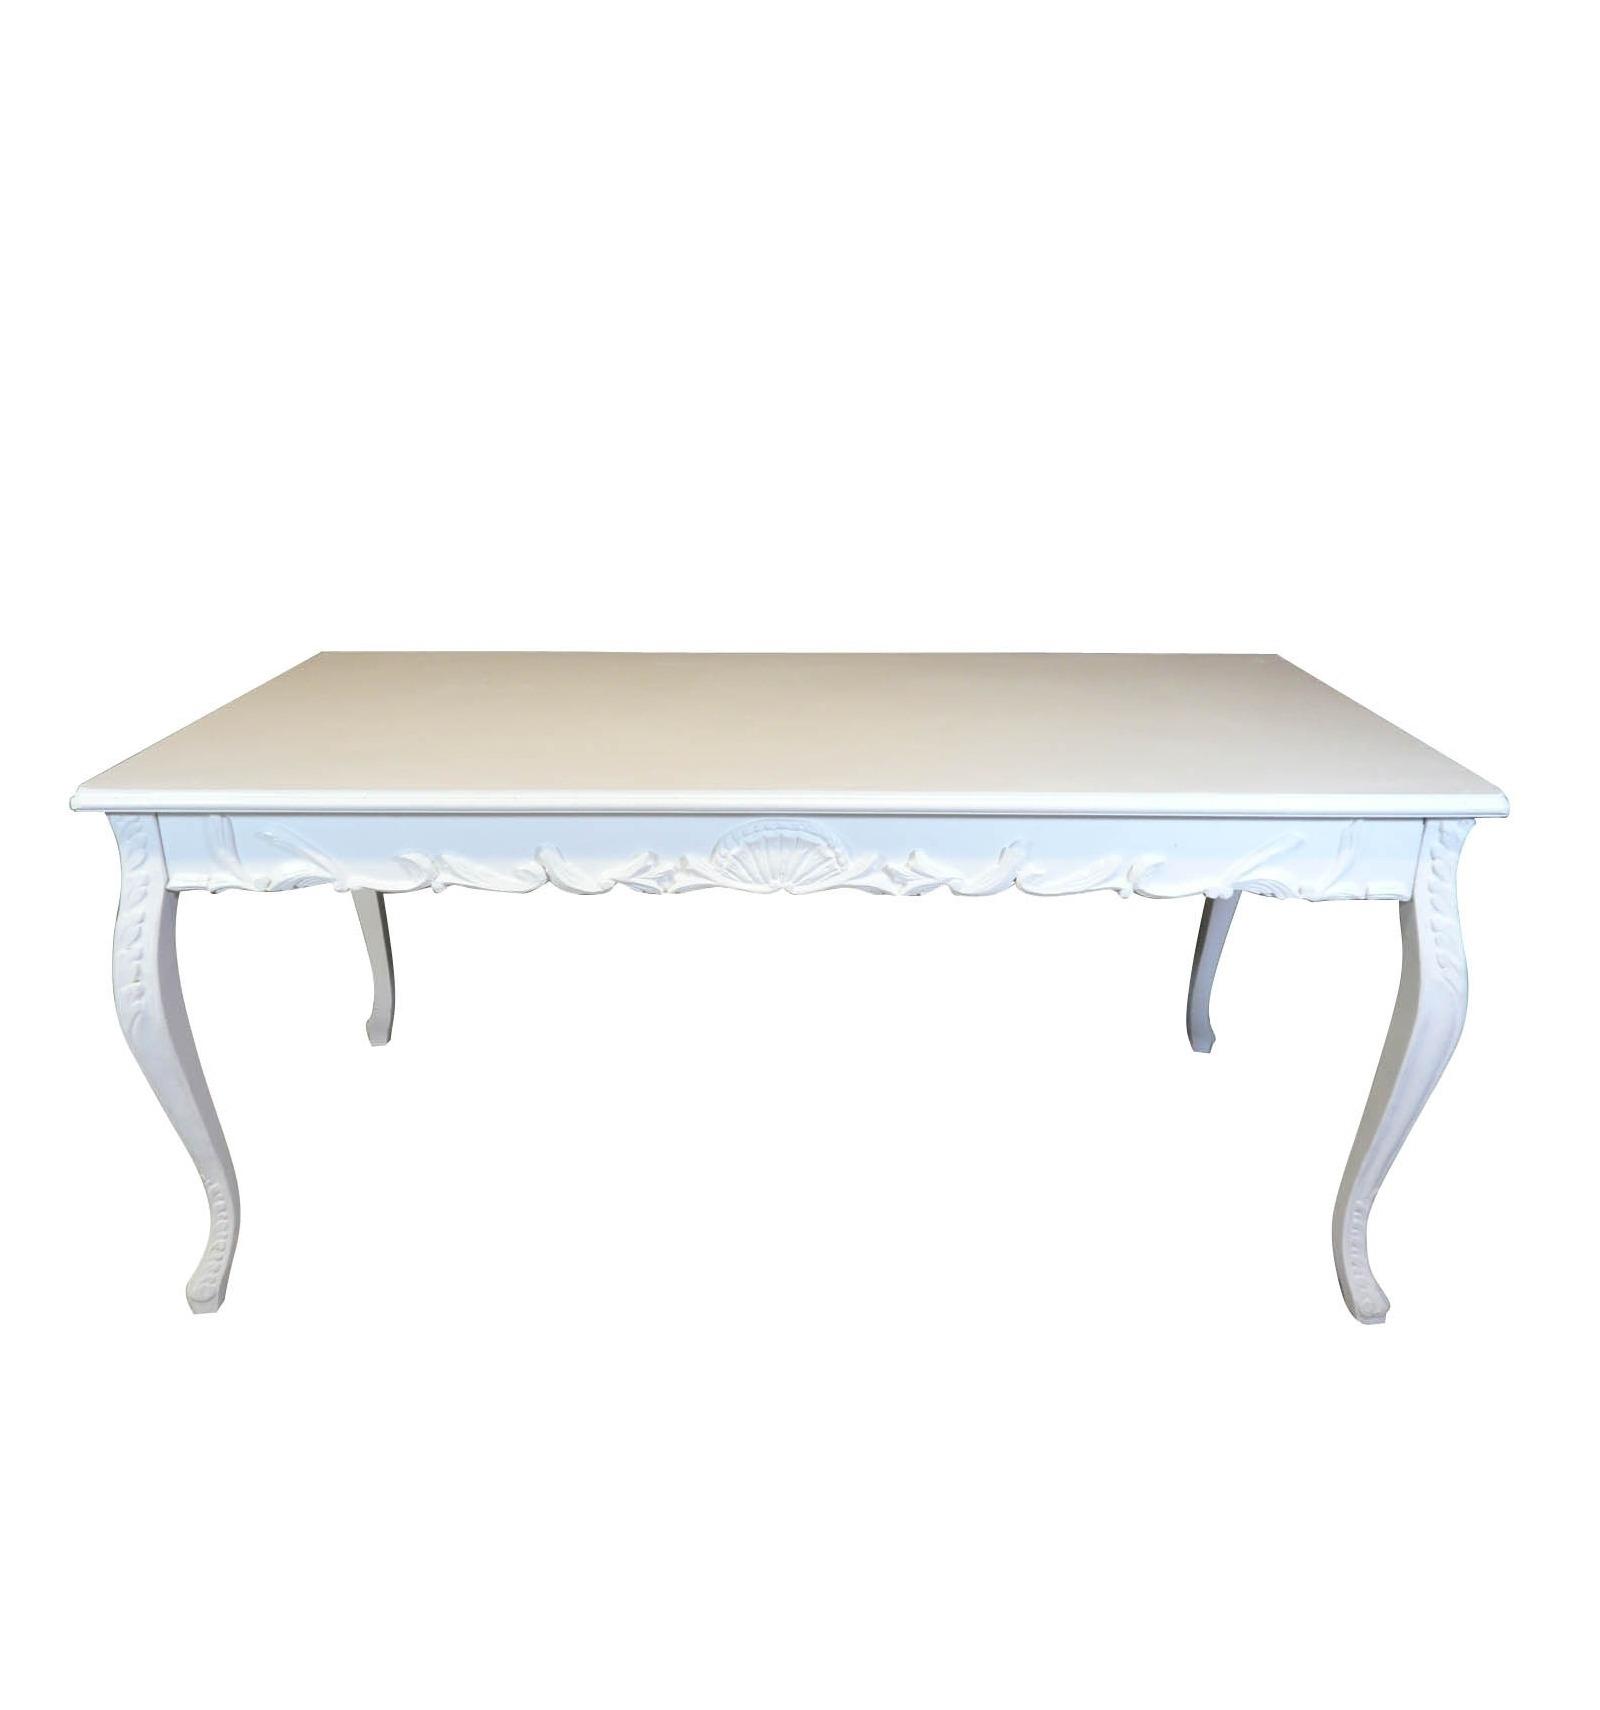 Tavolo barocco bianco, pranzo per 8 persone